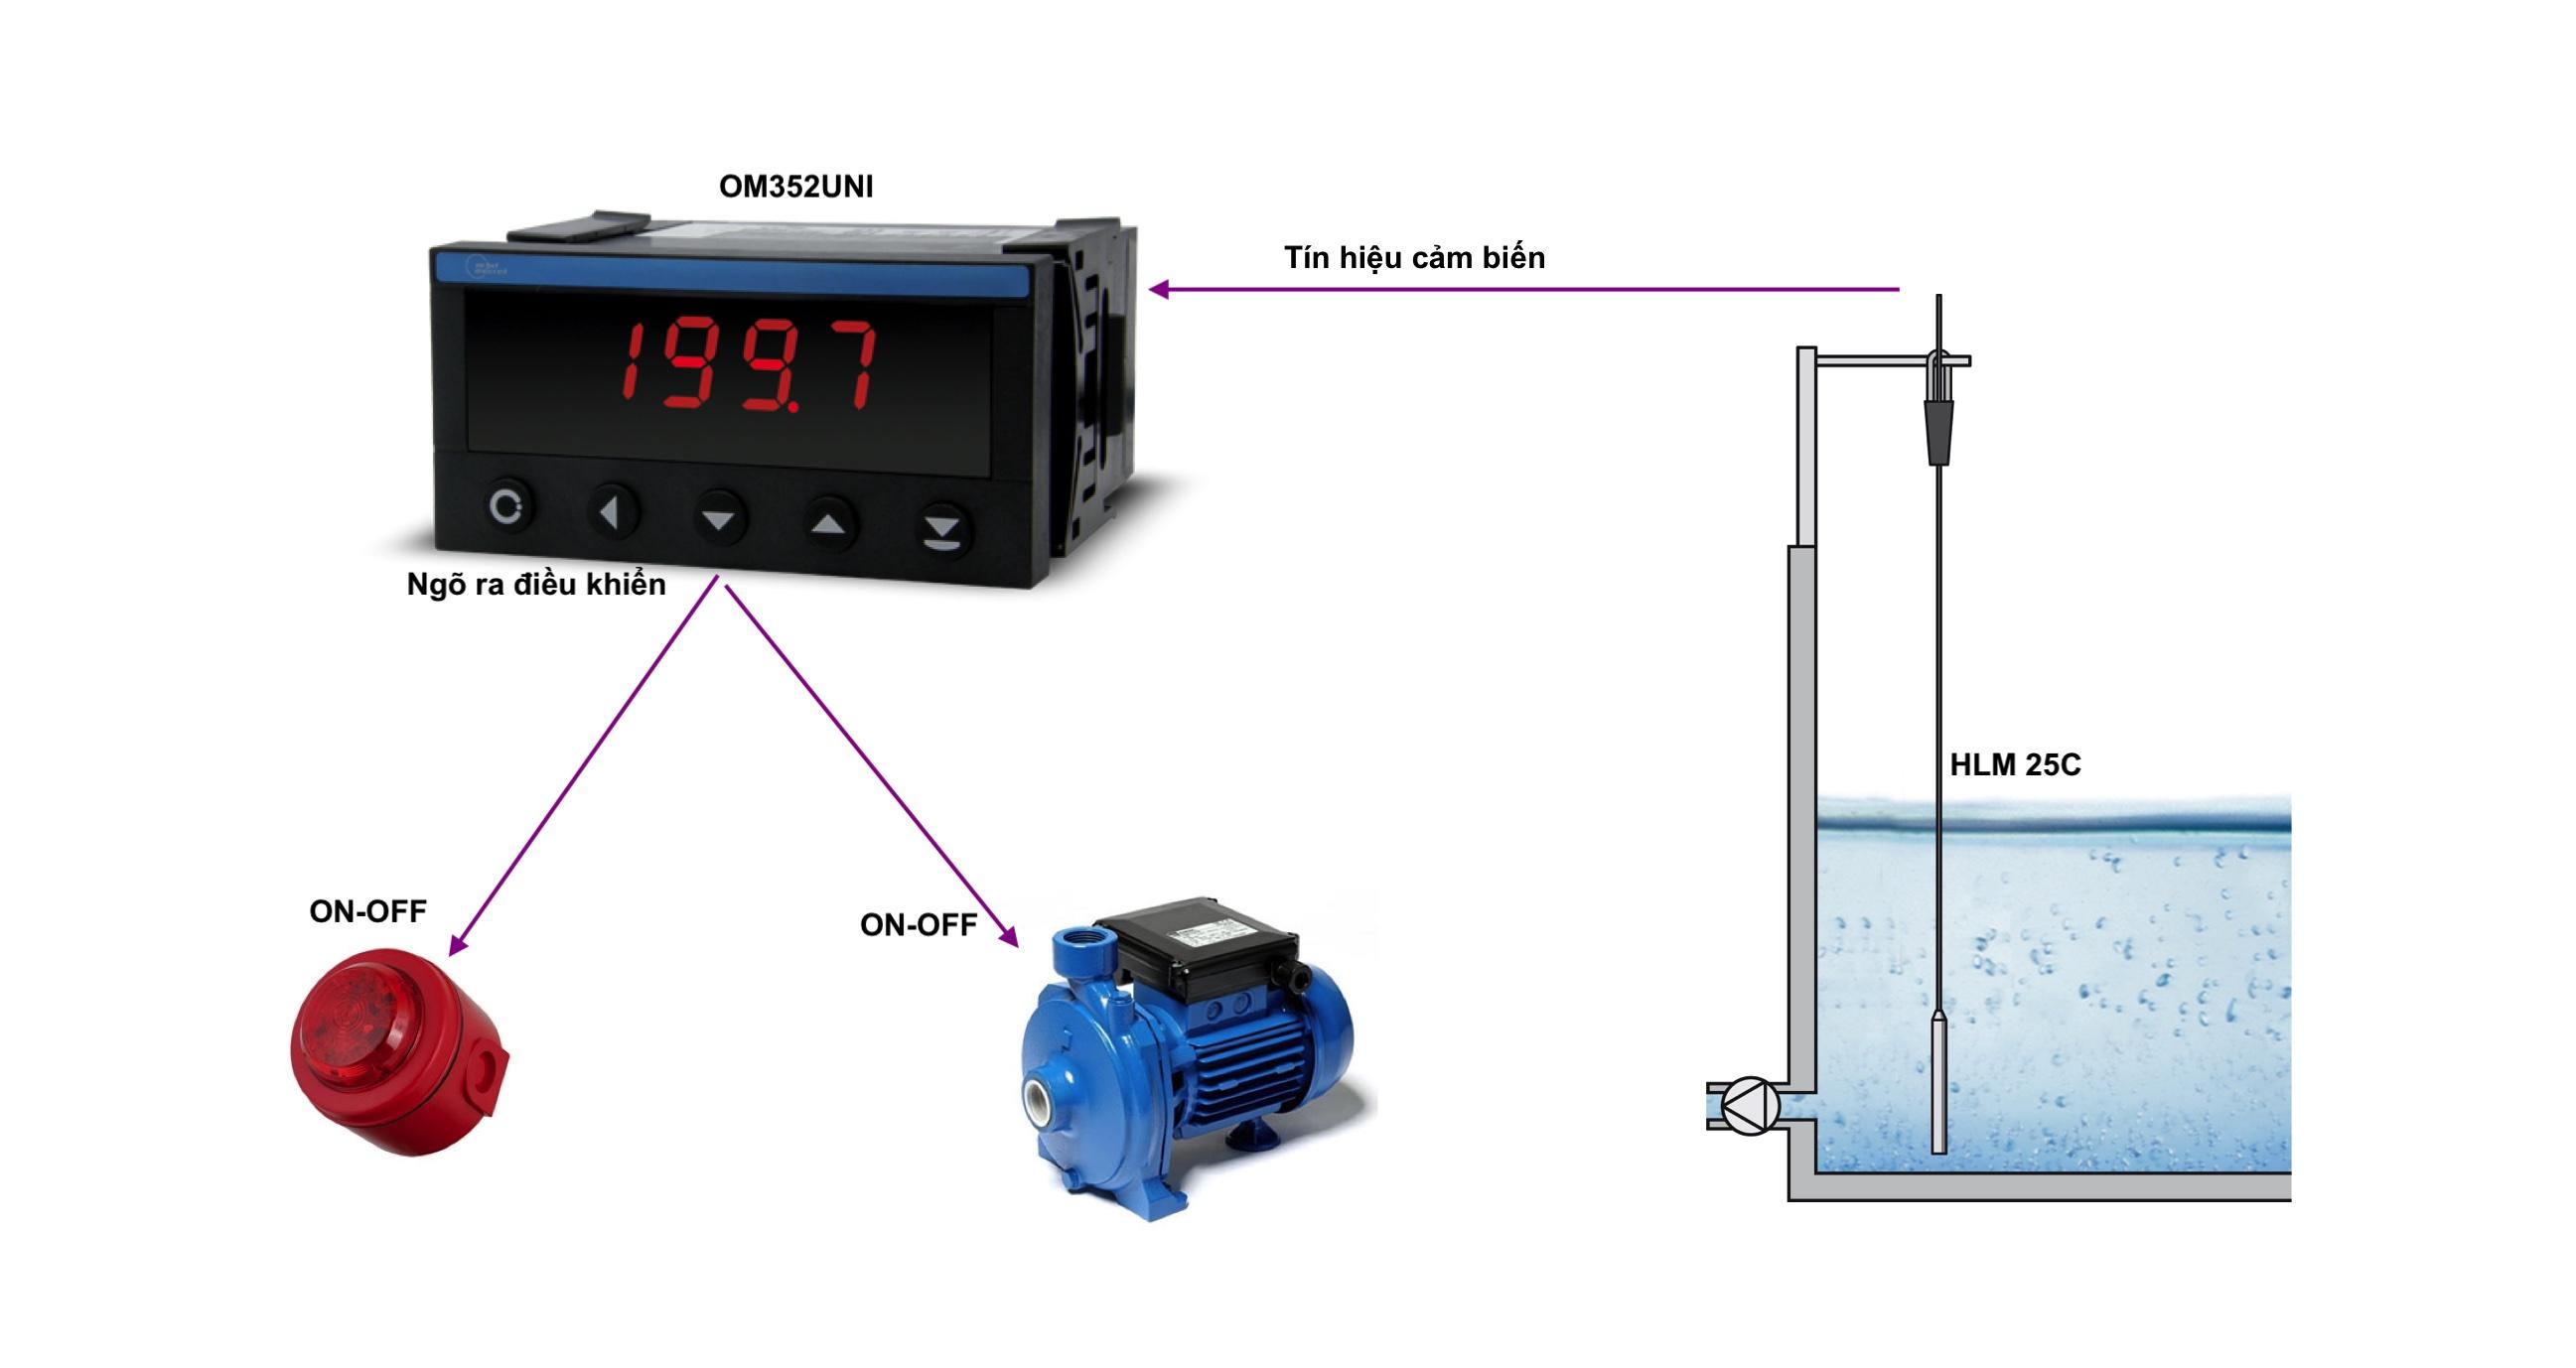 Ứng dụng điều khiển mức nước